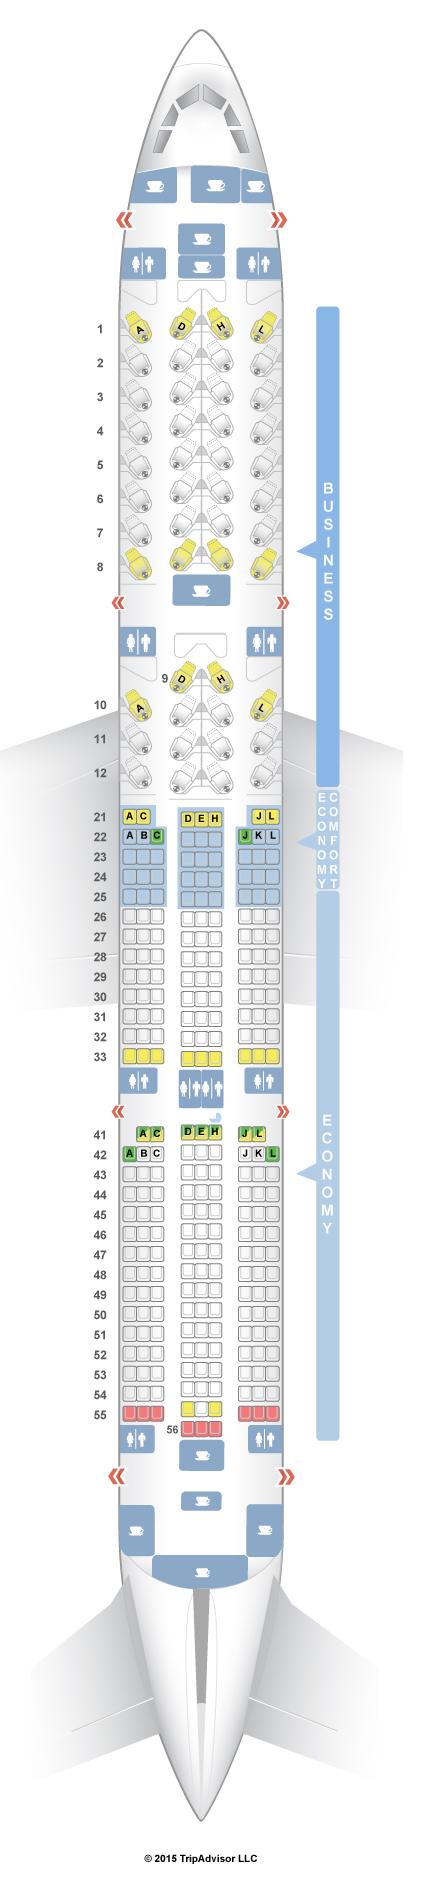 Finnair_Airbus_A350-900